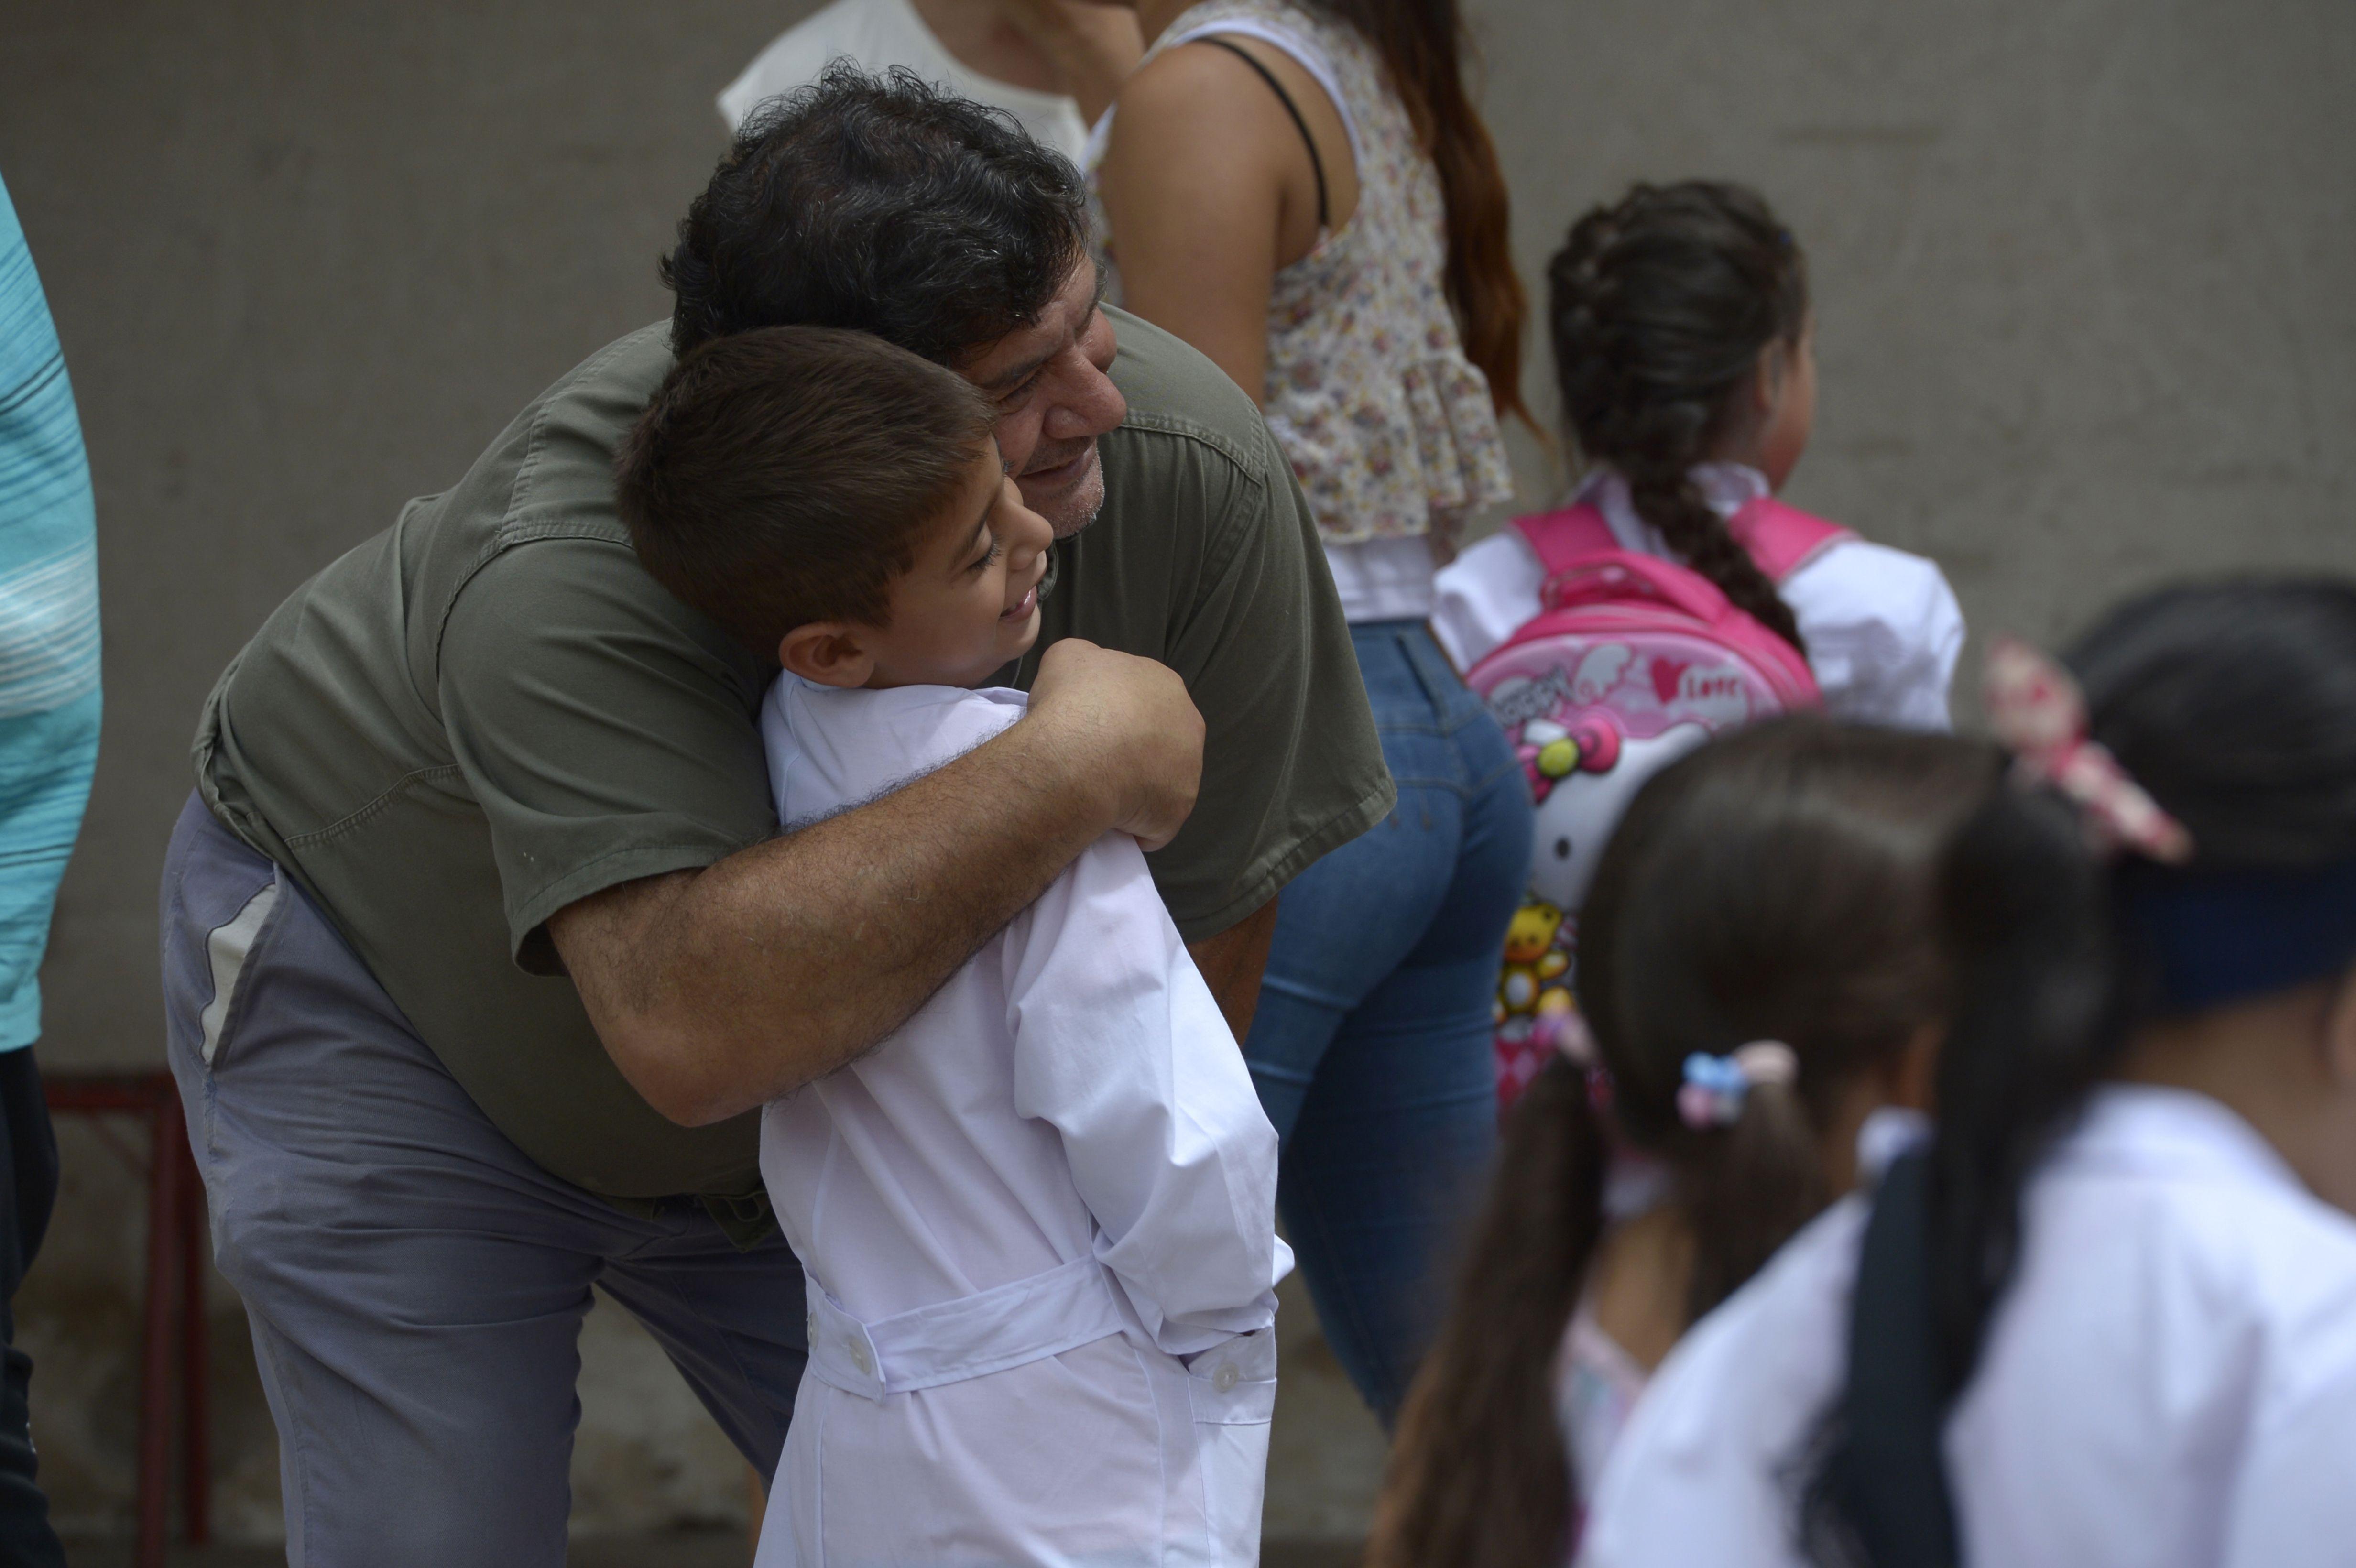 Afecto y cercanía. El educador Onetto afirma que el acompañamiento de los padres es fundamental para los chicos.